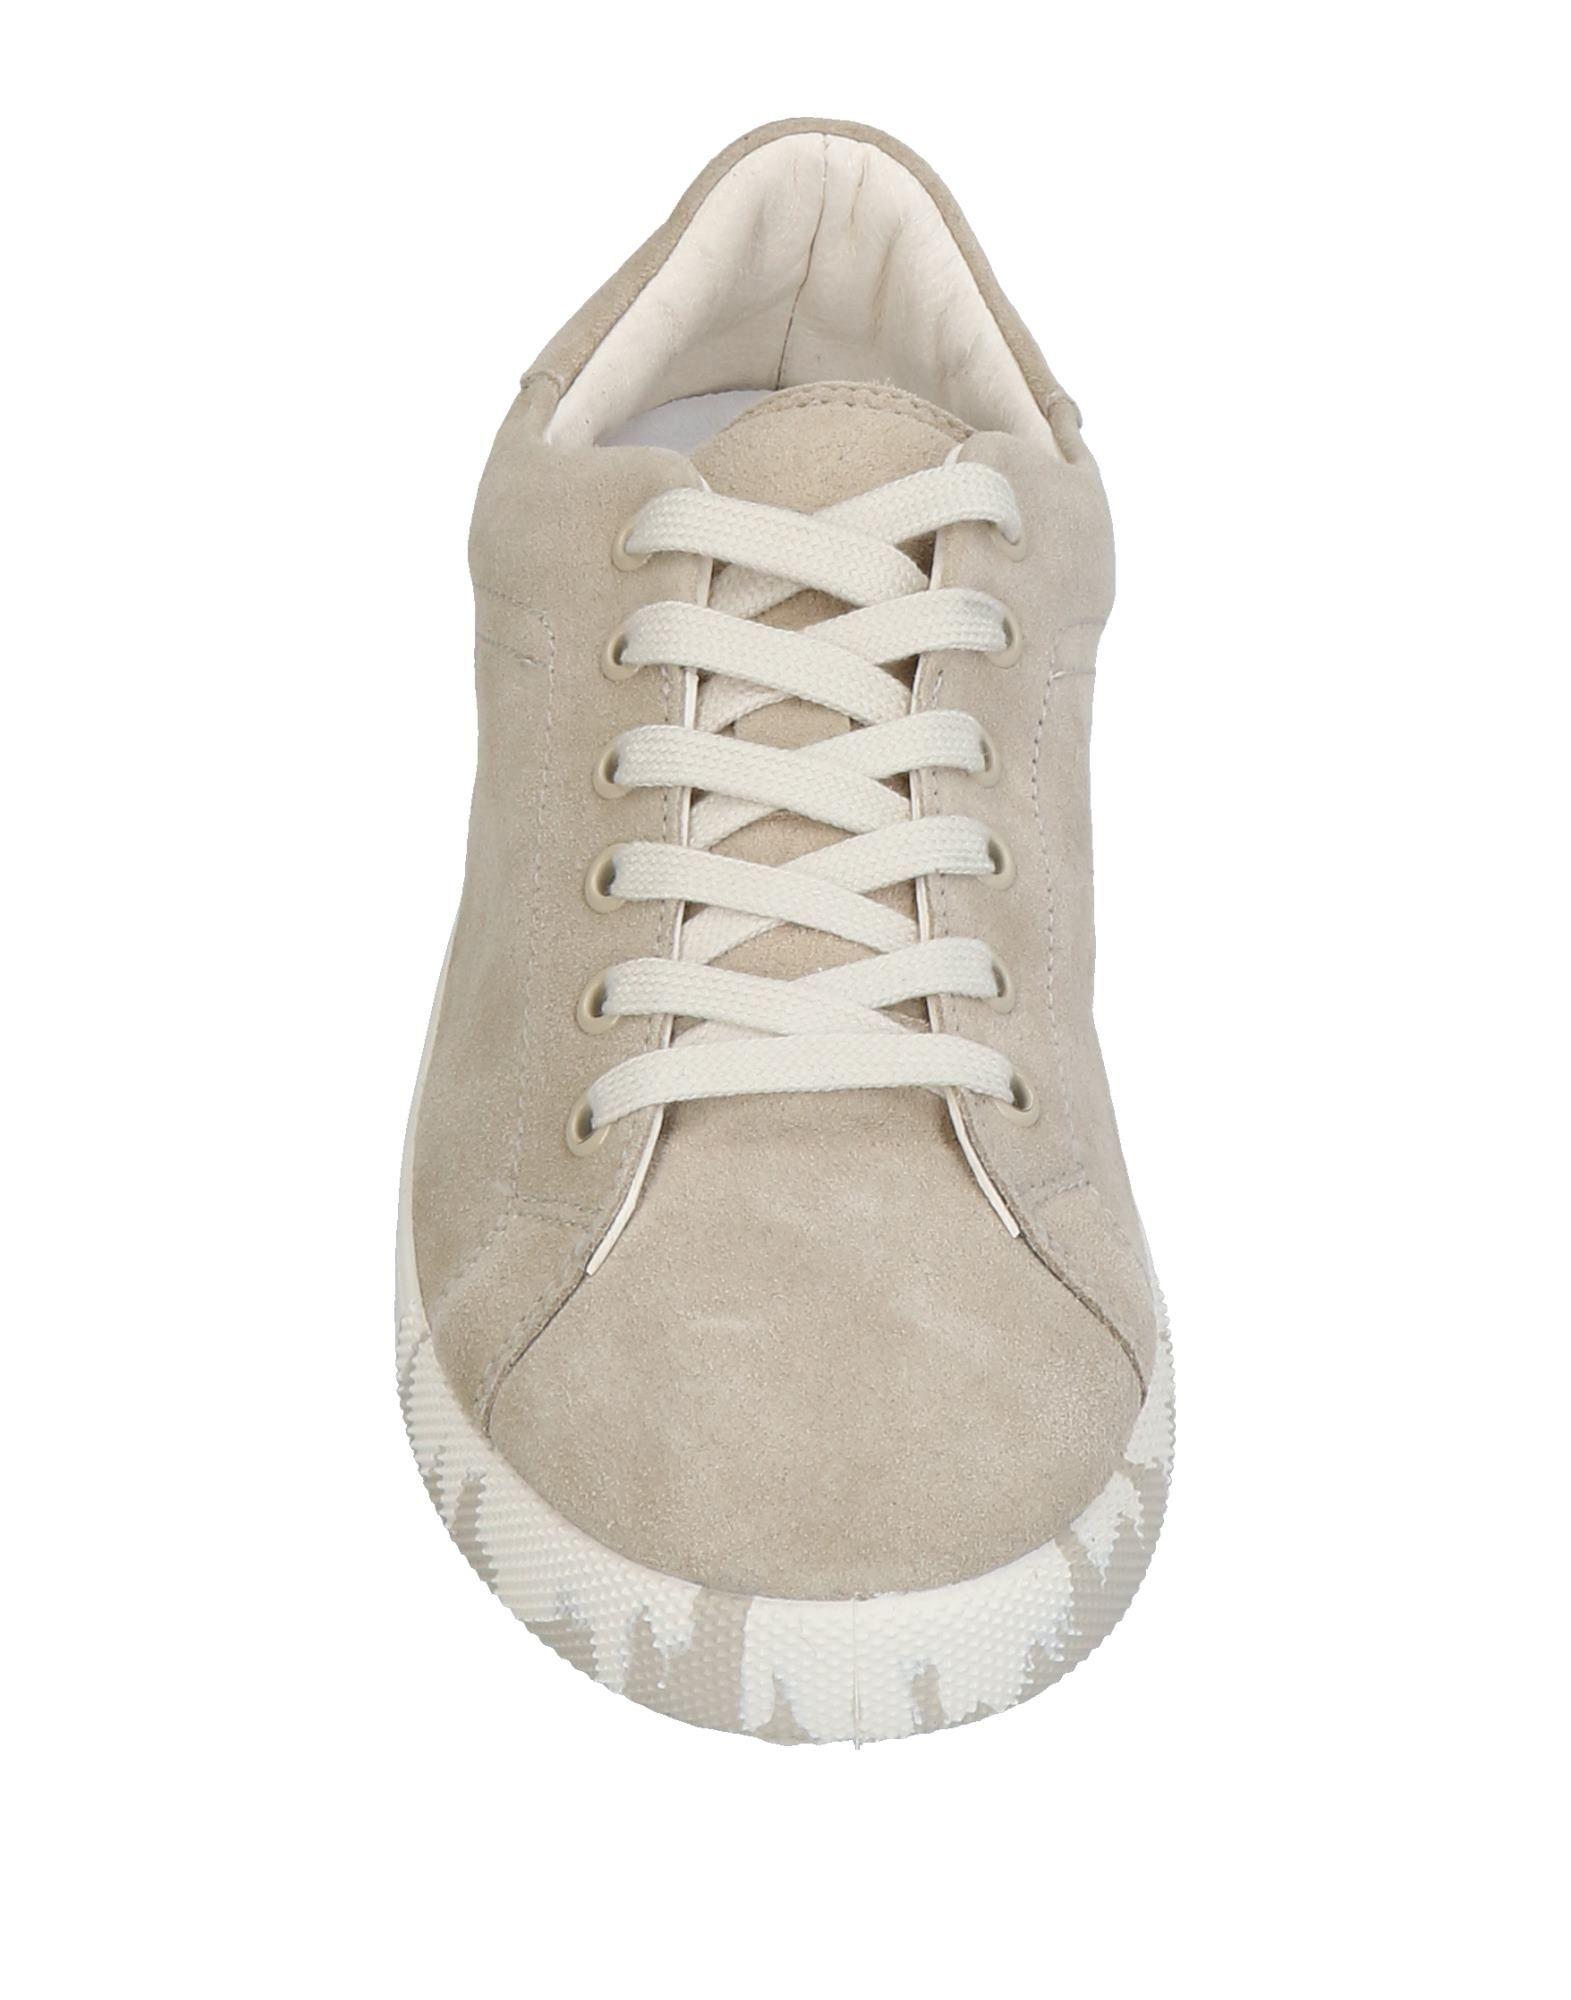 Springa Sneakers Damen Gutes Preis-Leistungs-Verhältnis, Preis-Leistungs-Verhältnis, Gutes es lohnt sich 0a066a